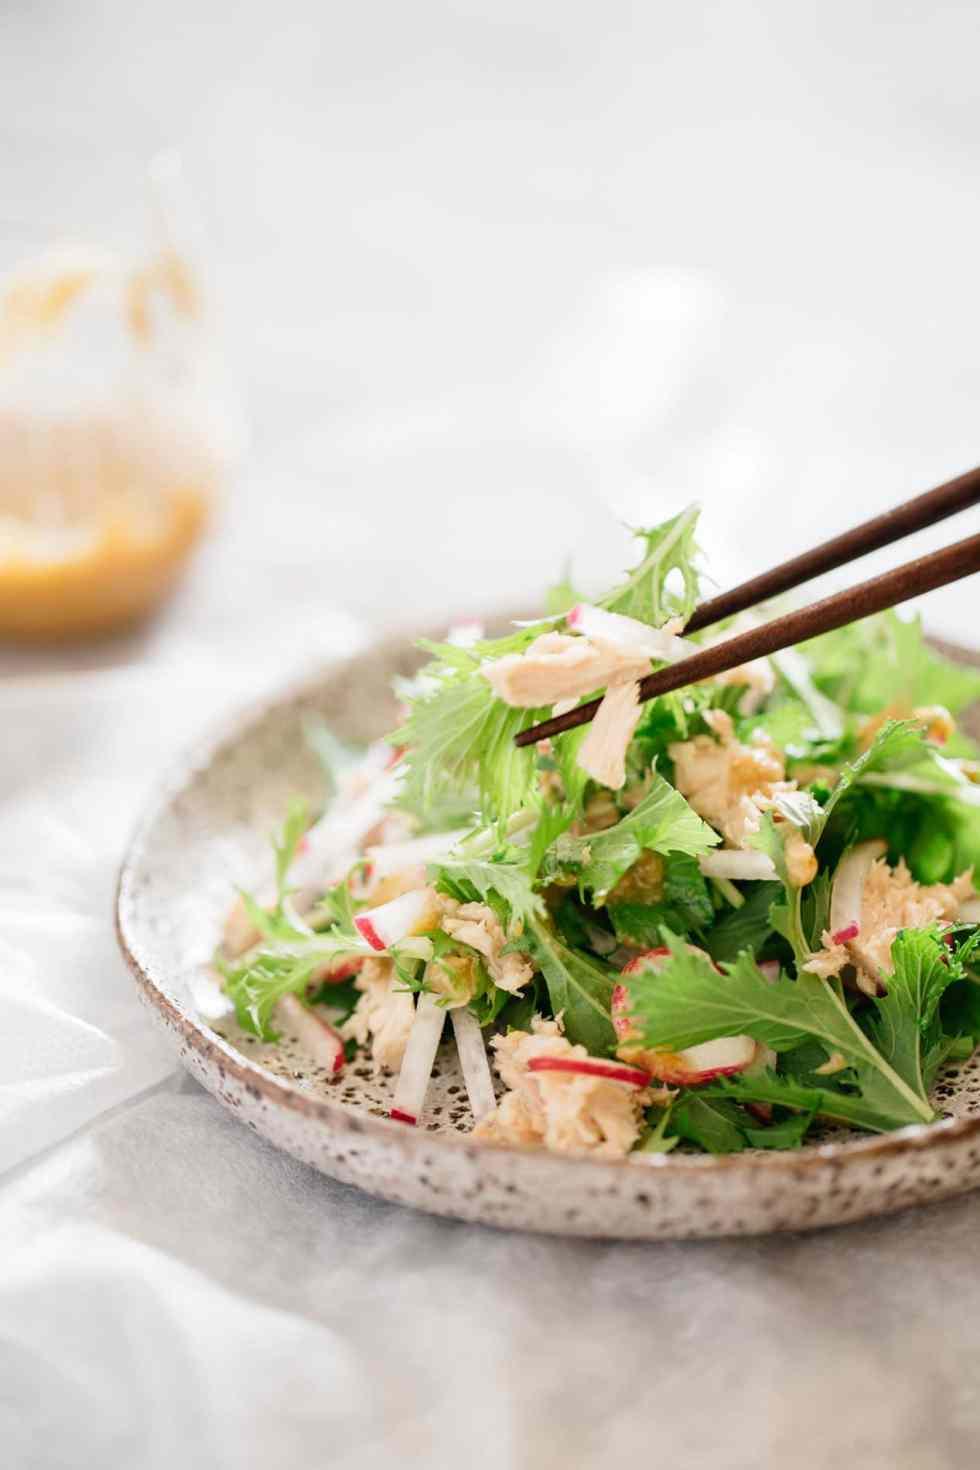 mizuna salad and a pair of chopsticks